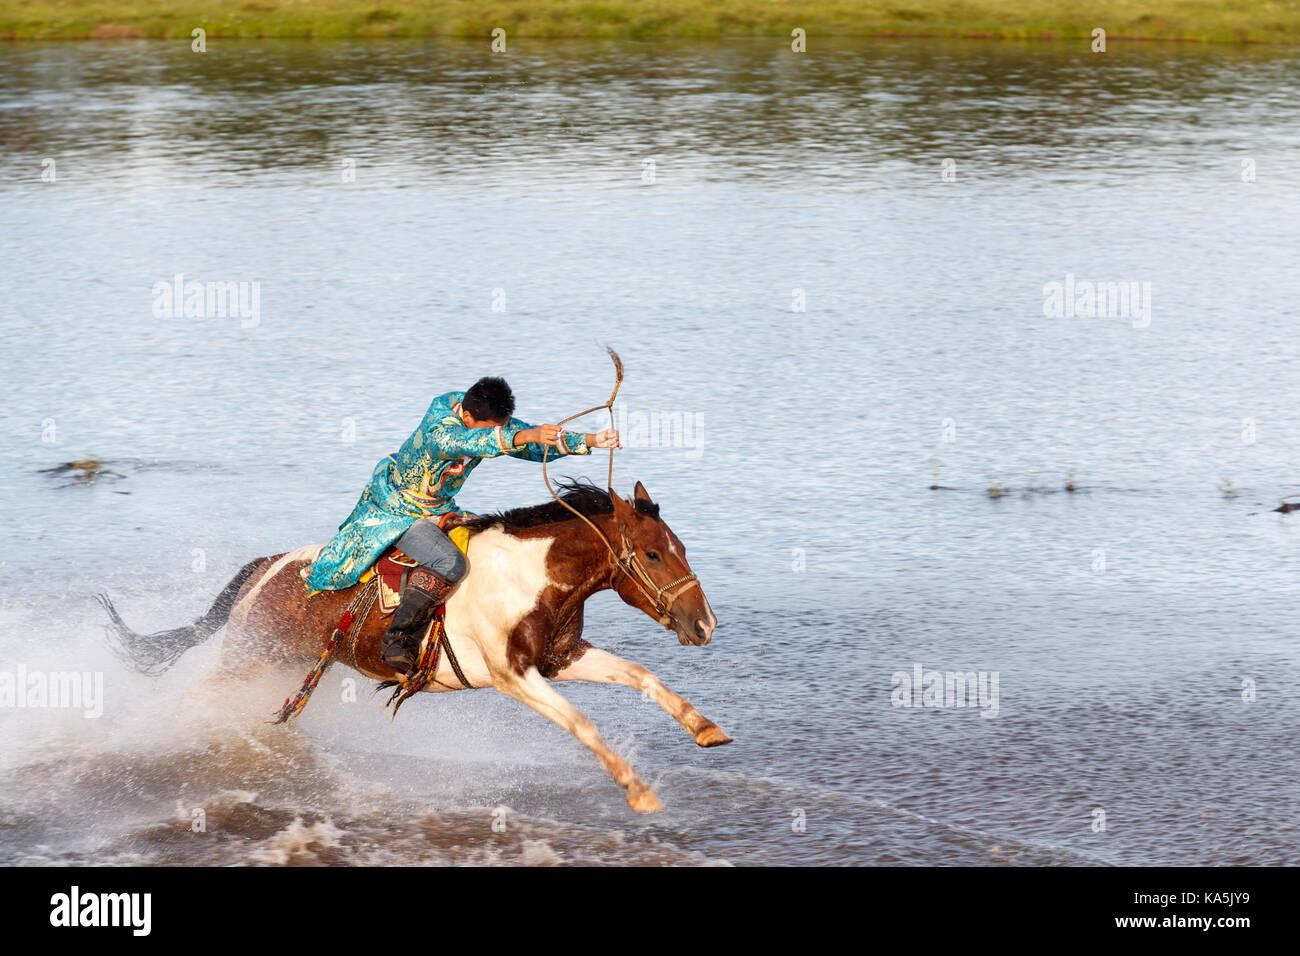 Joven Jinete mongol cabalga a todo galope en el río Imagen De Stock